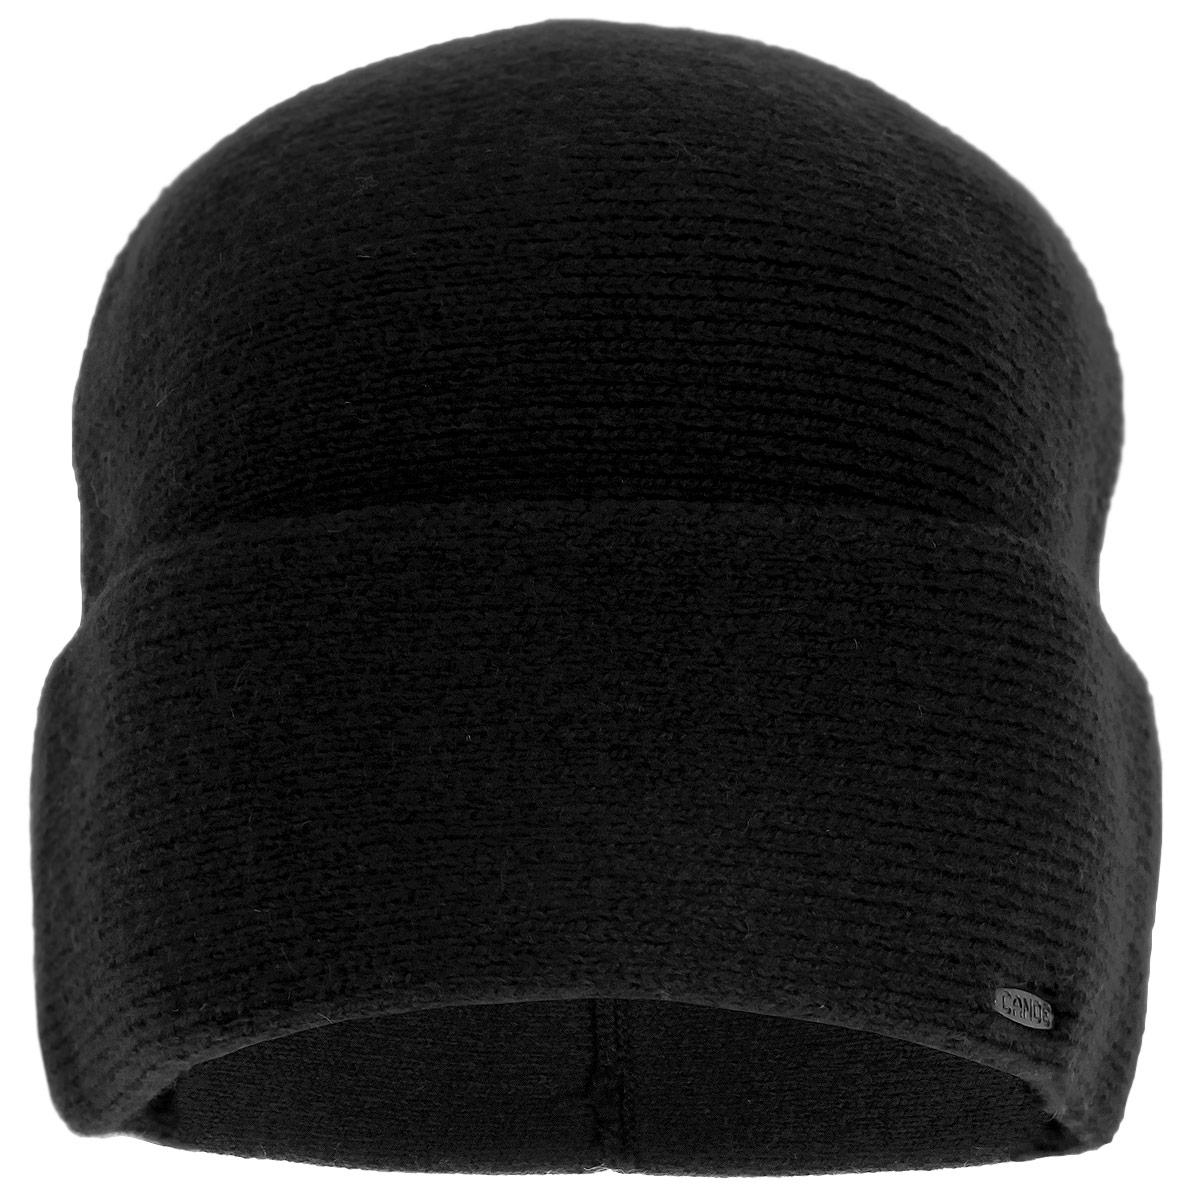 Шапка мужская Element. 3445063445060Мужская шапка Canoe Element - классическая полушерстяная облегающая шапка с отворотом, которая отлично дополнит ваш образ в холодную погоду. Сочетание различных материалов максимально сохраняет тепло и обеспечивает удобную посадку. Гладкая вязка придает изделию дополнительную элегантность и потрясающие тактильные ощущения. Оформлена шапка небольшим декоративным элементом в виде металлической пластины с названием бренда. Такая шапка составит идеальный комплект с модной верхней одеждой, в ней вам будет уютно и тепло!